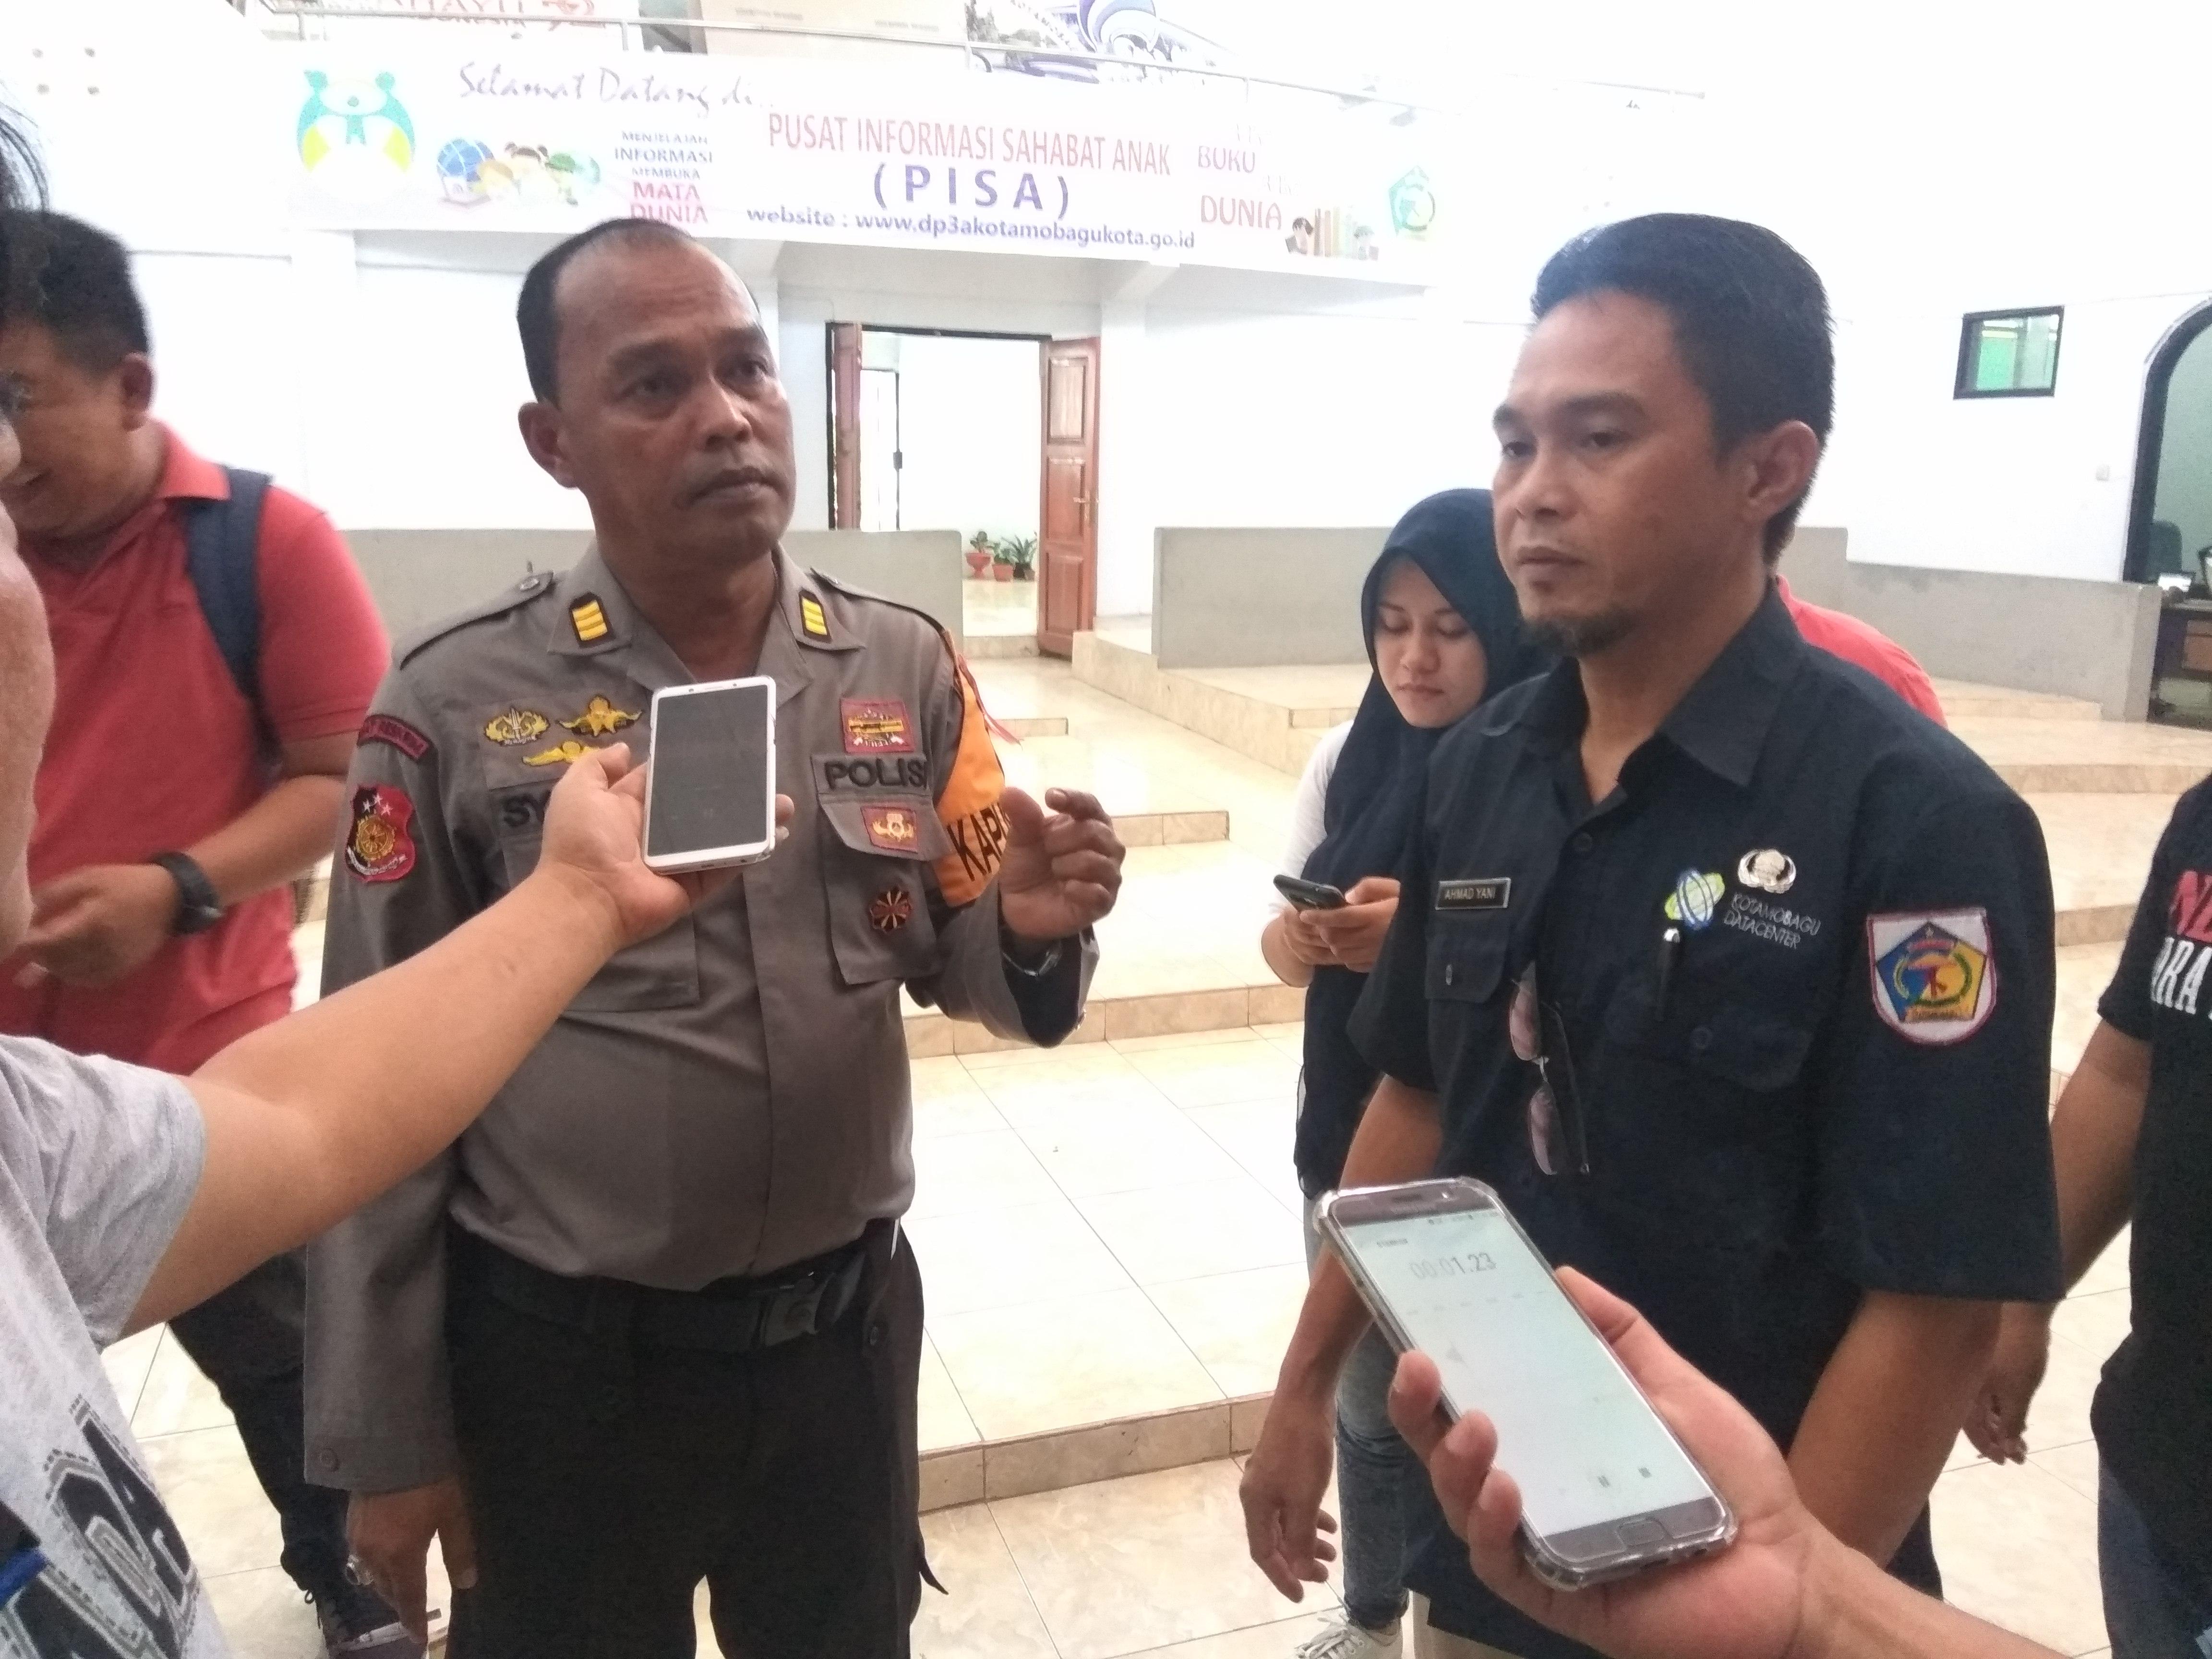 Diskominfo Kotamobagu Mulai Lacak Pengguna Akun Palsu di Medsos Berita Daerah Berita Kotamobagu